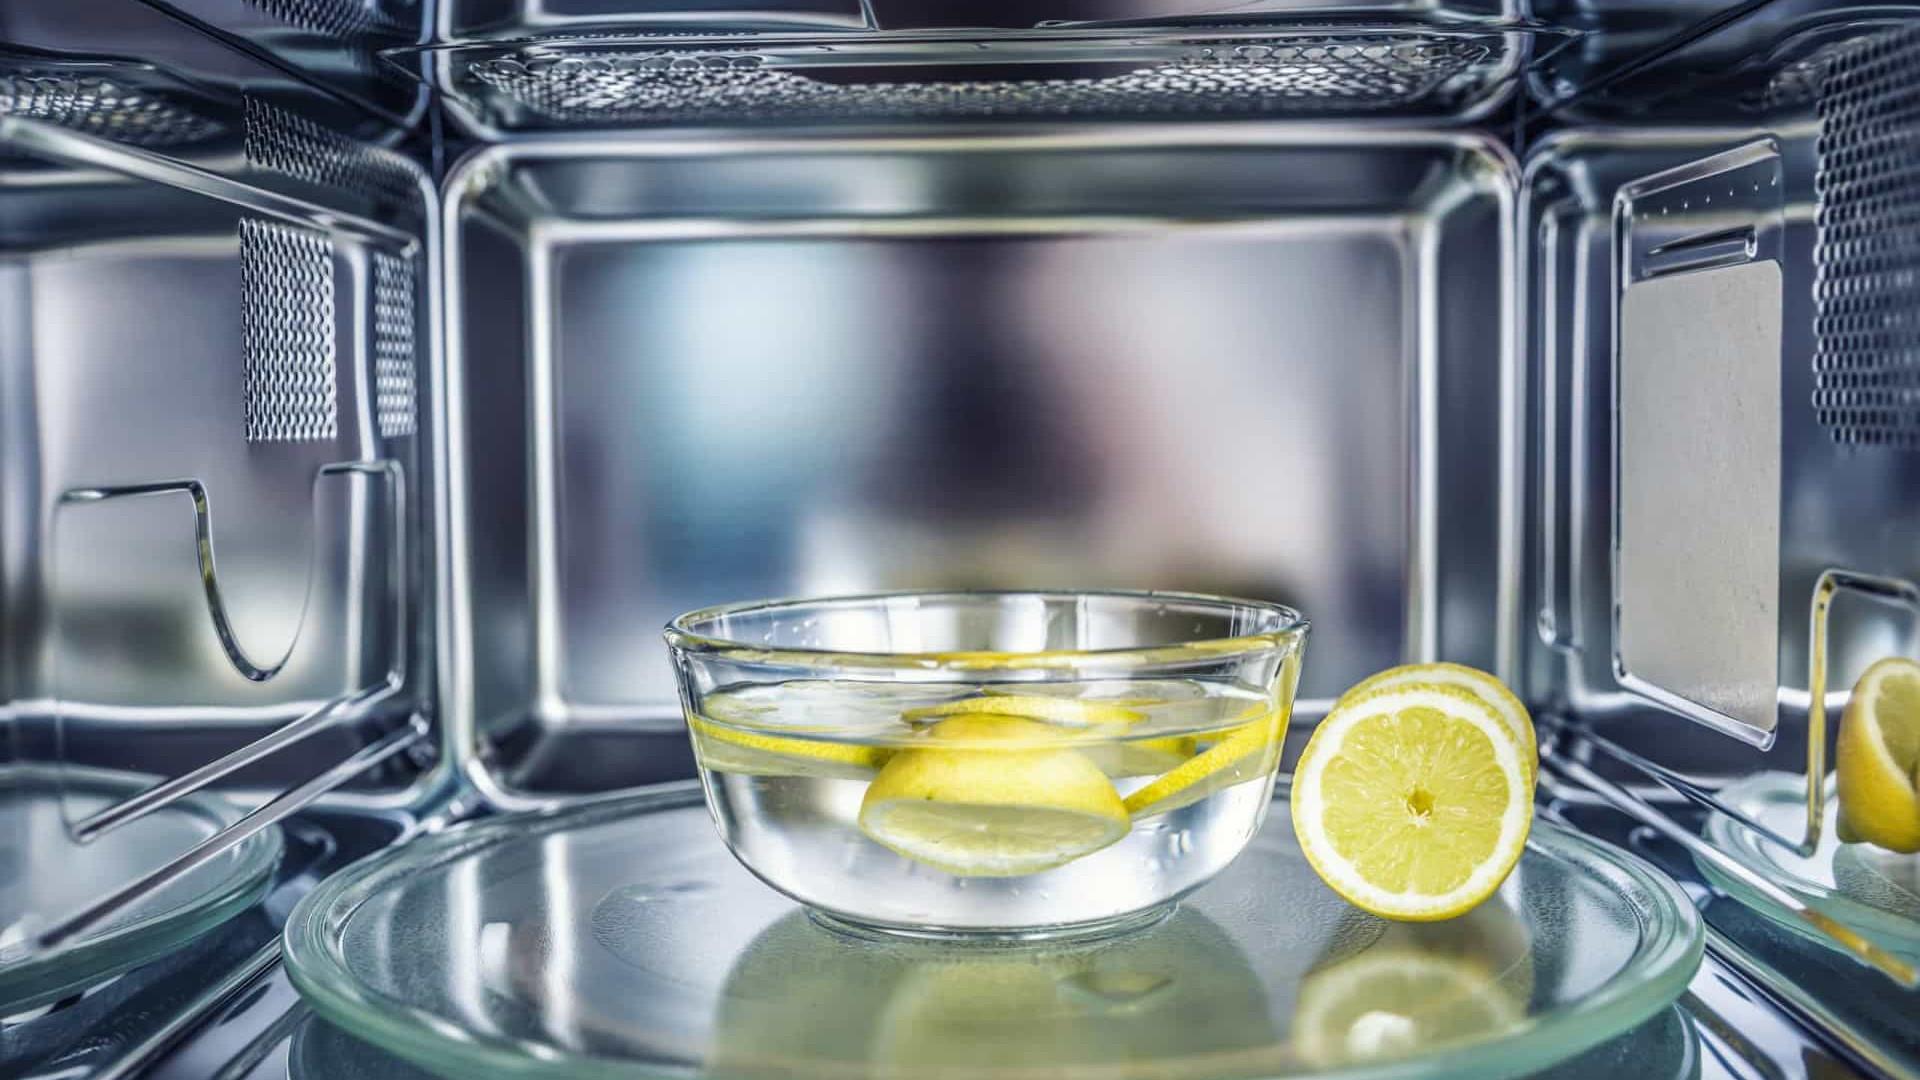 Já conhece este truque de limpeza com limão?